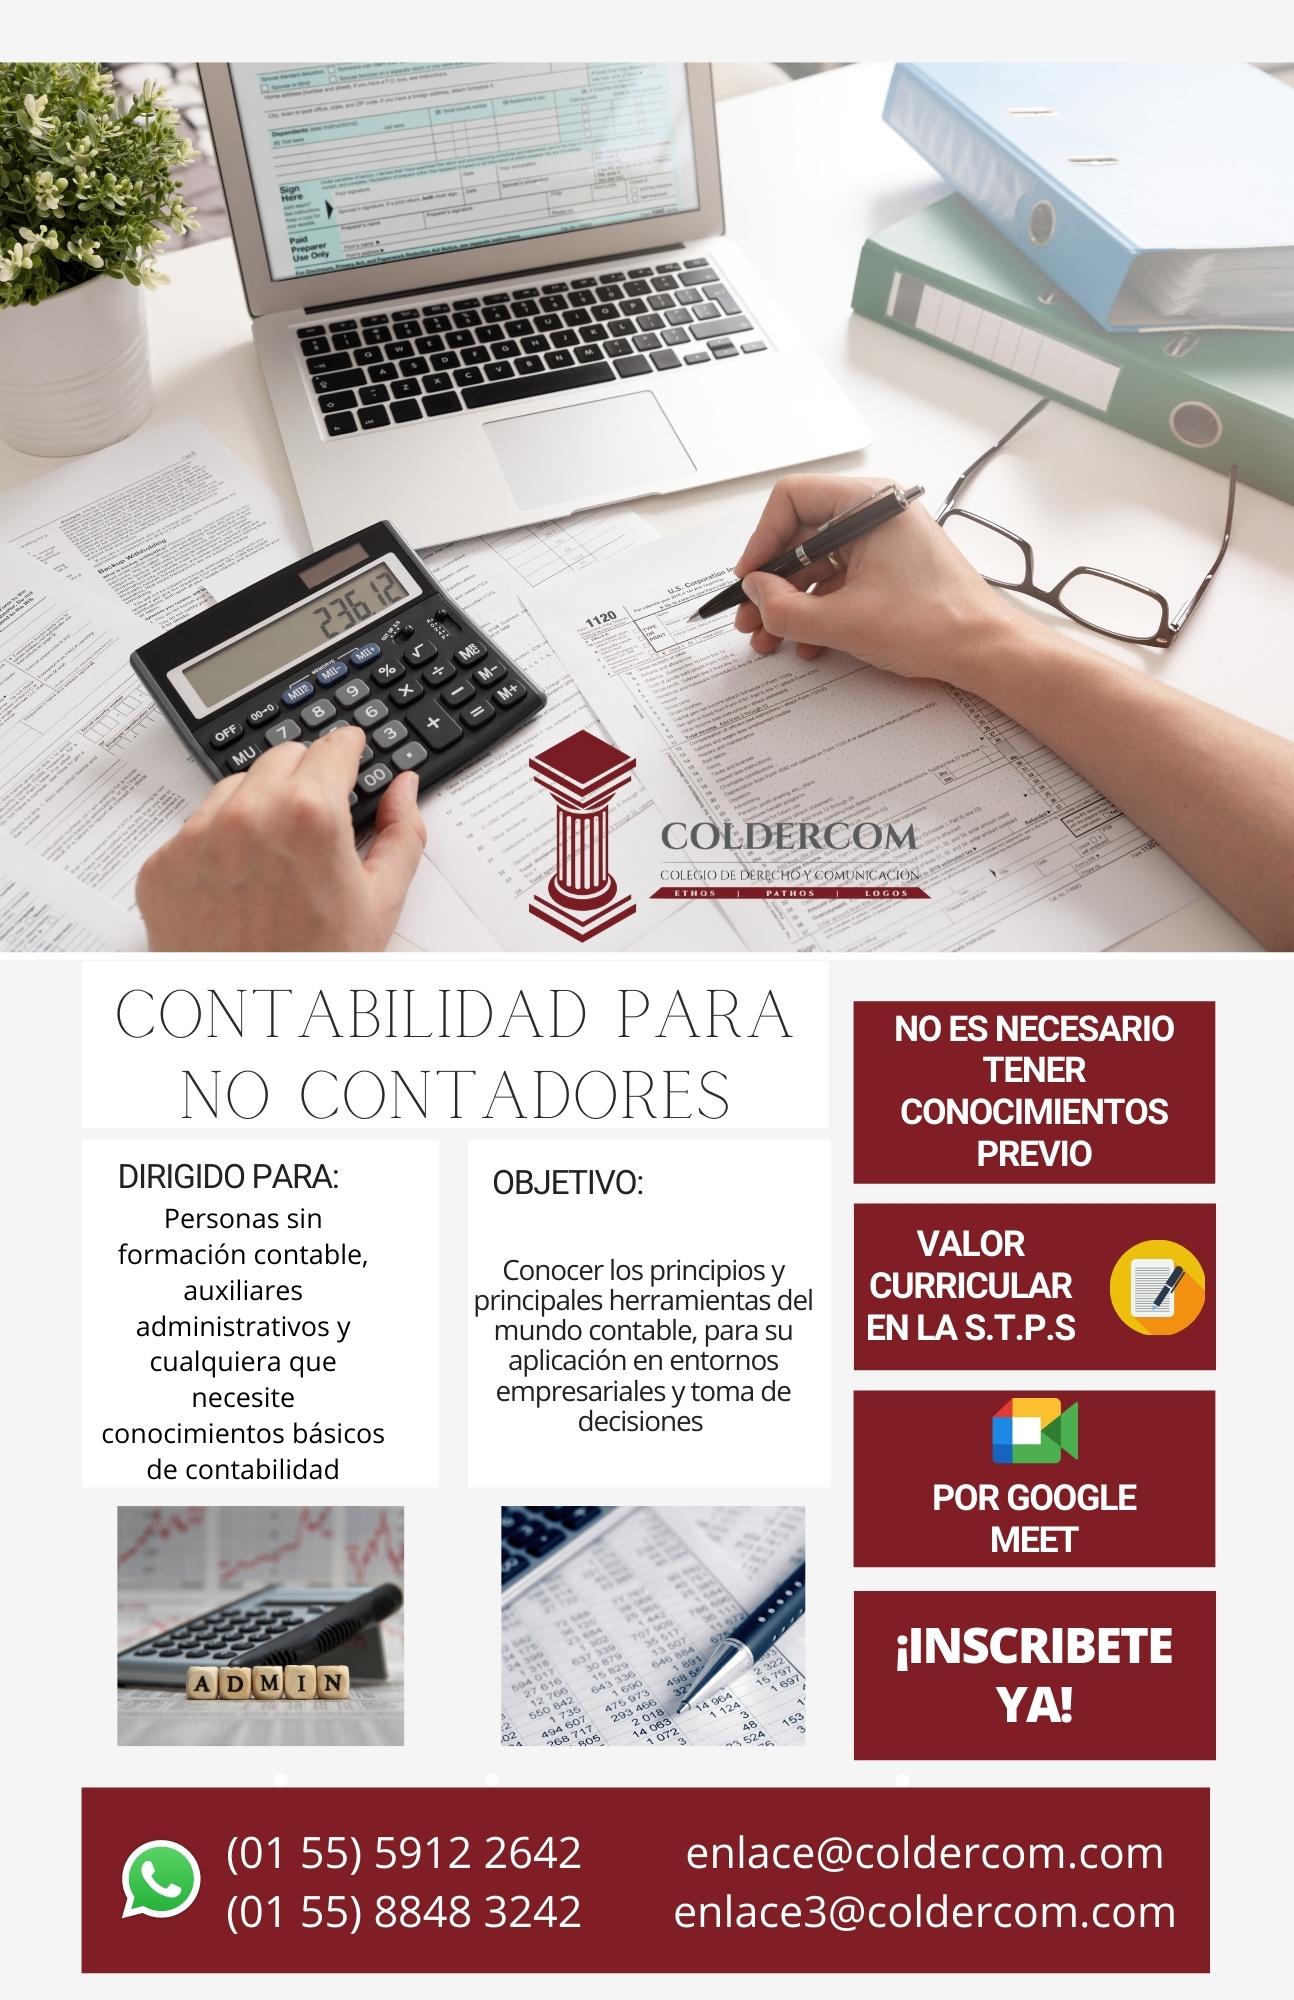 https://0201.nccdn.net/1_2/000/000/146/5e8/contabilidad-para-no-contadores-.jpg